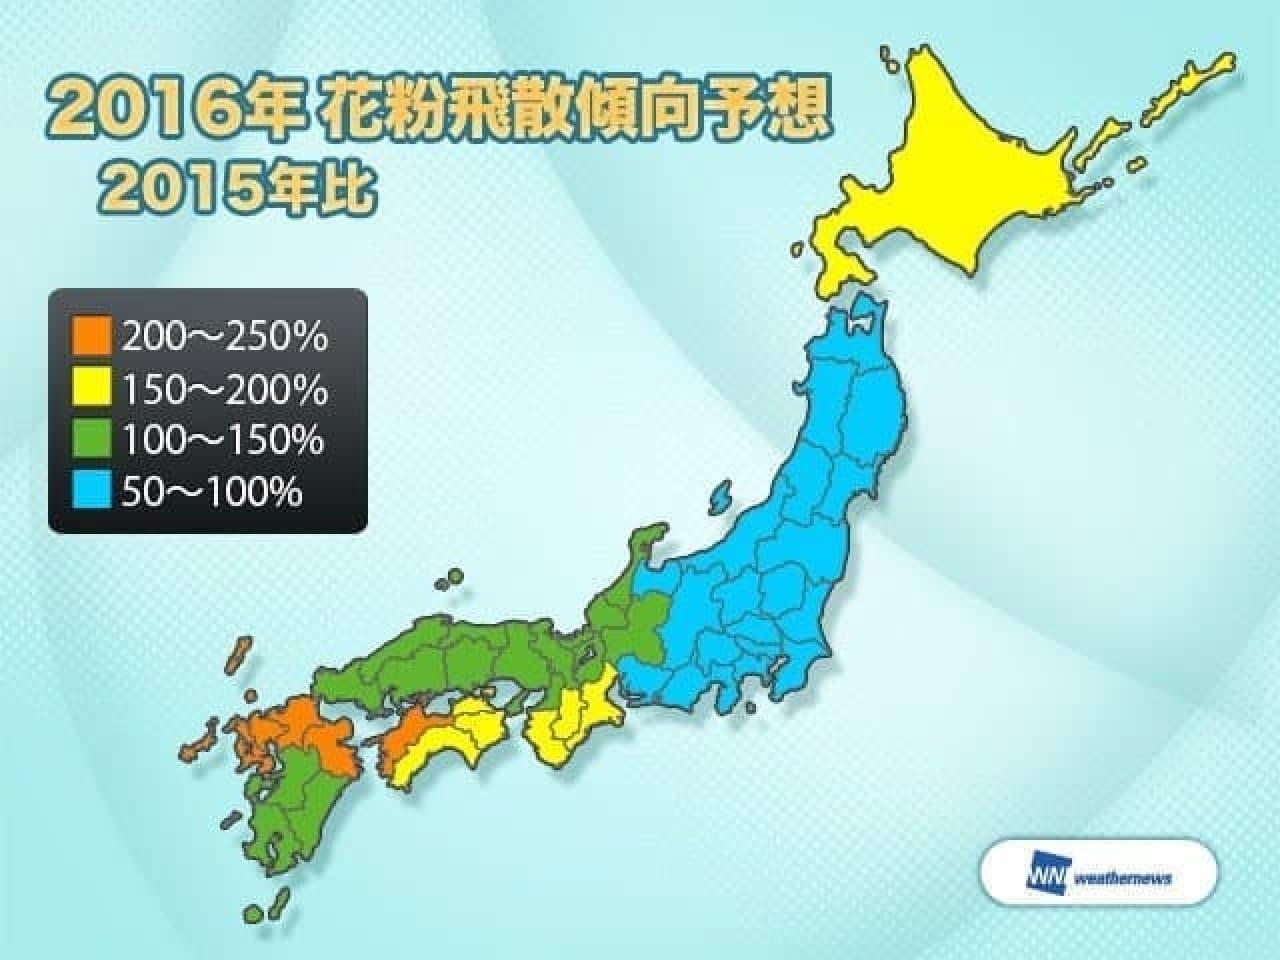 西日本の一部は飛ぶ量が多いと予想